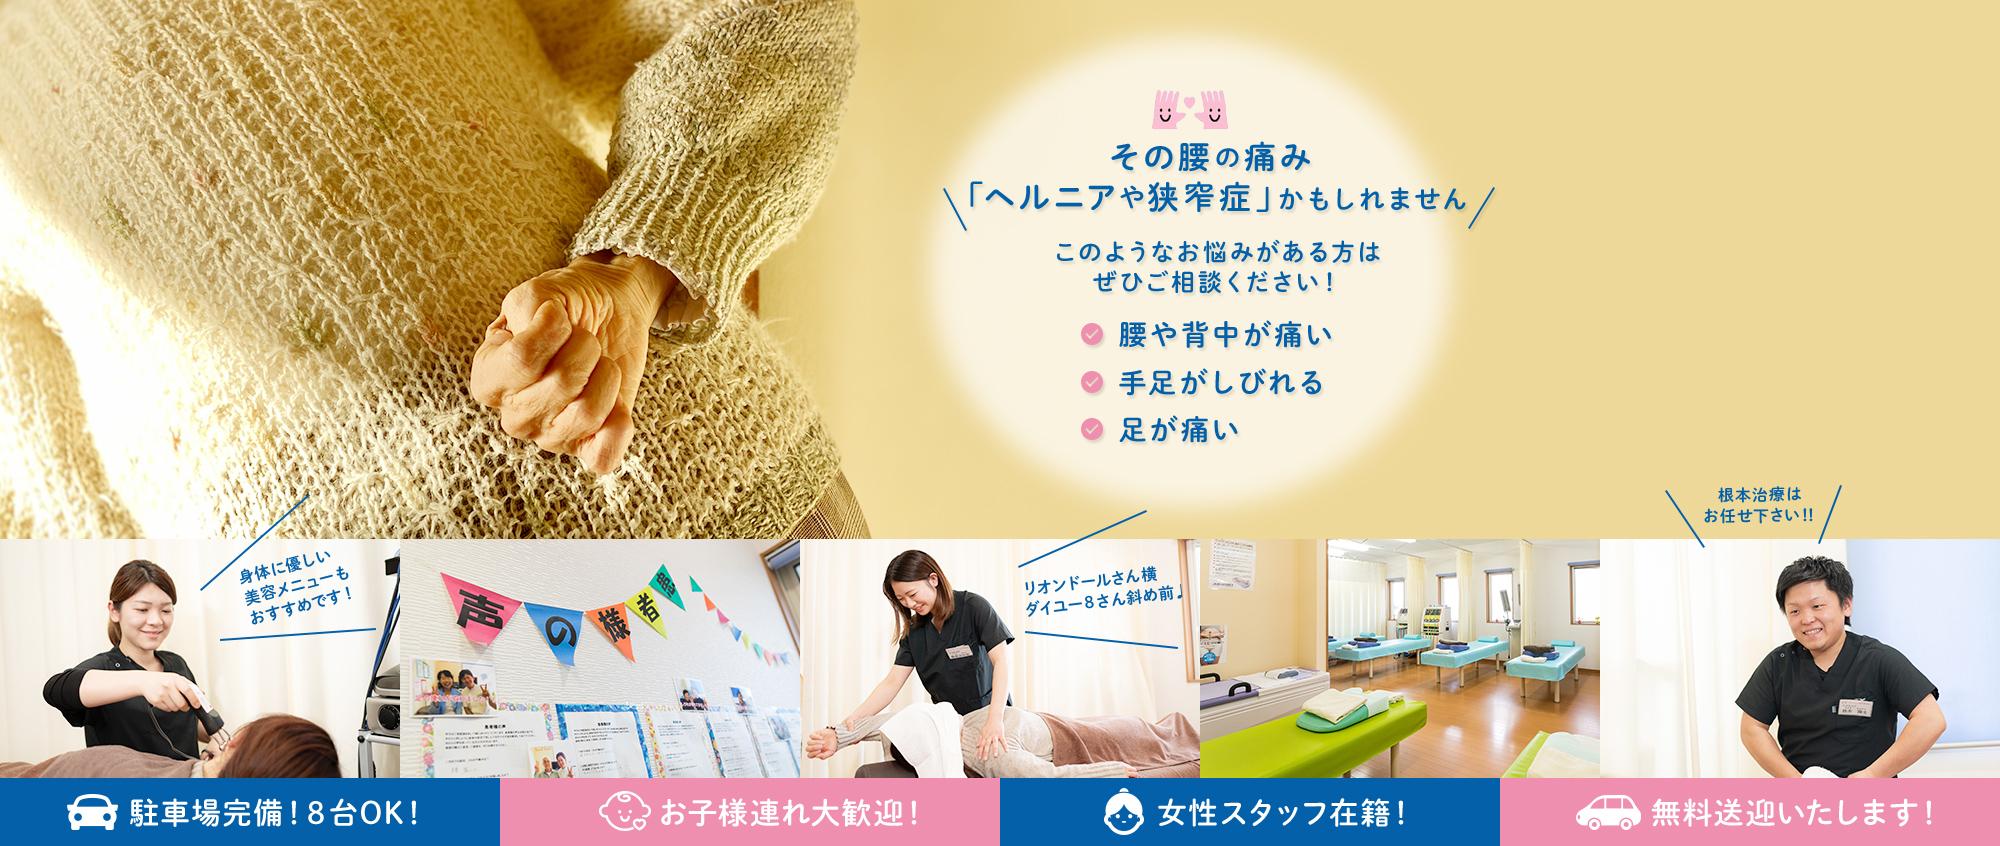 その腰の痛み「ヘルニアか狭窄症」かもしれません。このようなお悩みがある方はぜひご相談ください!腰や背中が痛い。手足がしいれる。足が痛い。